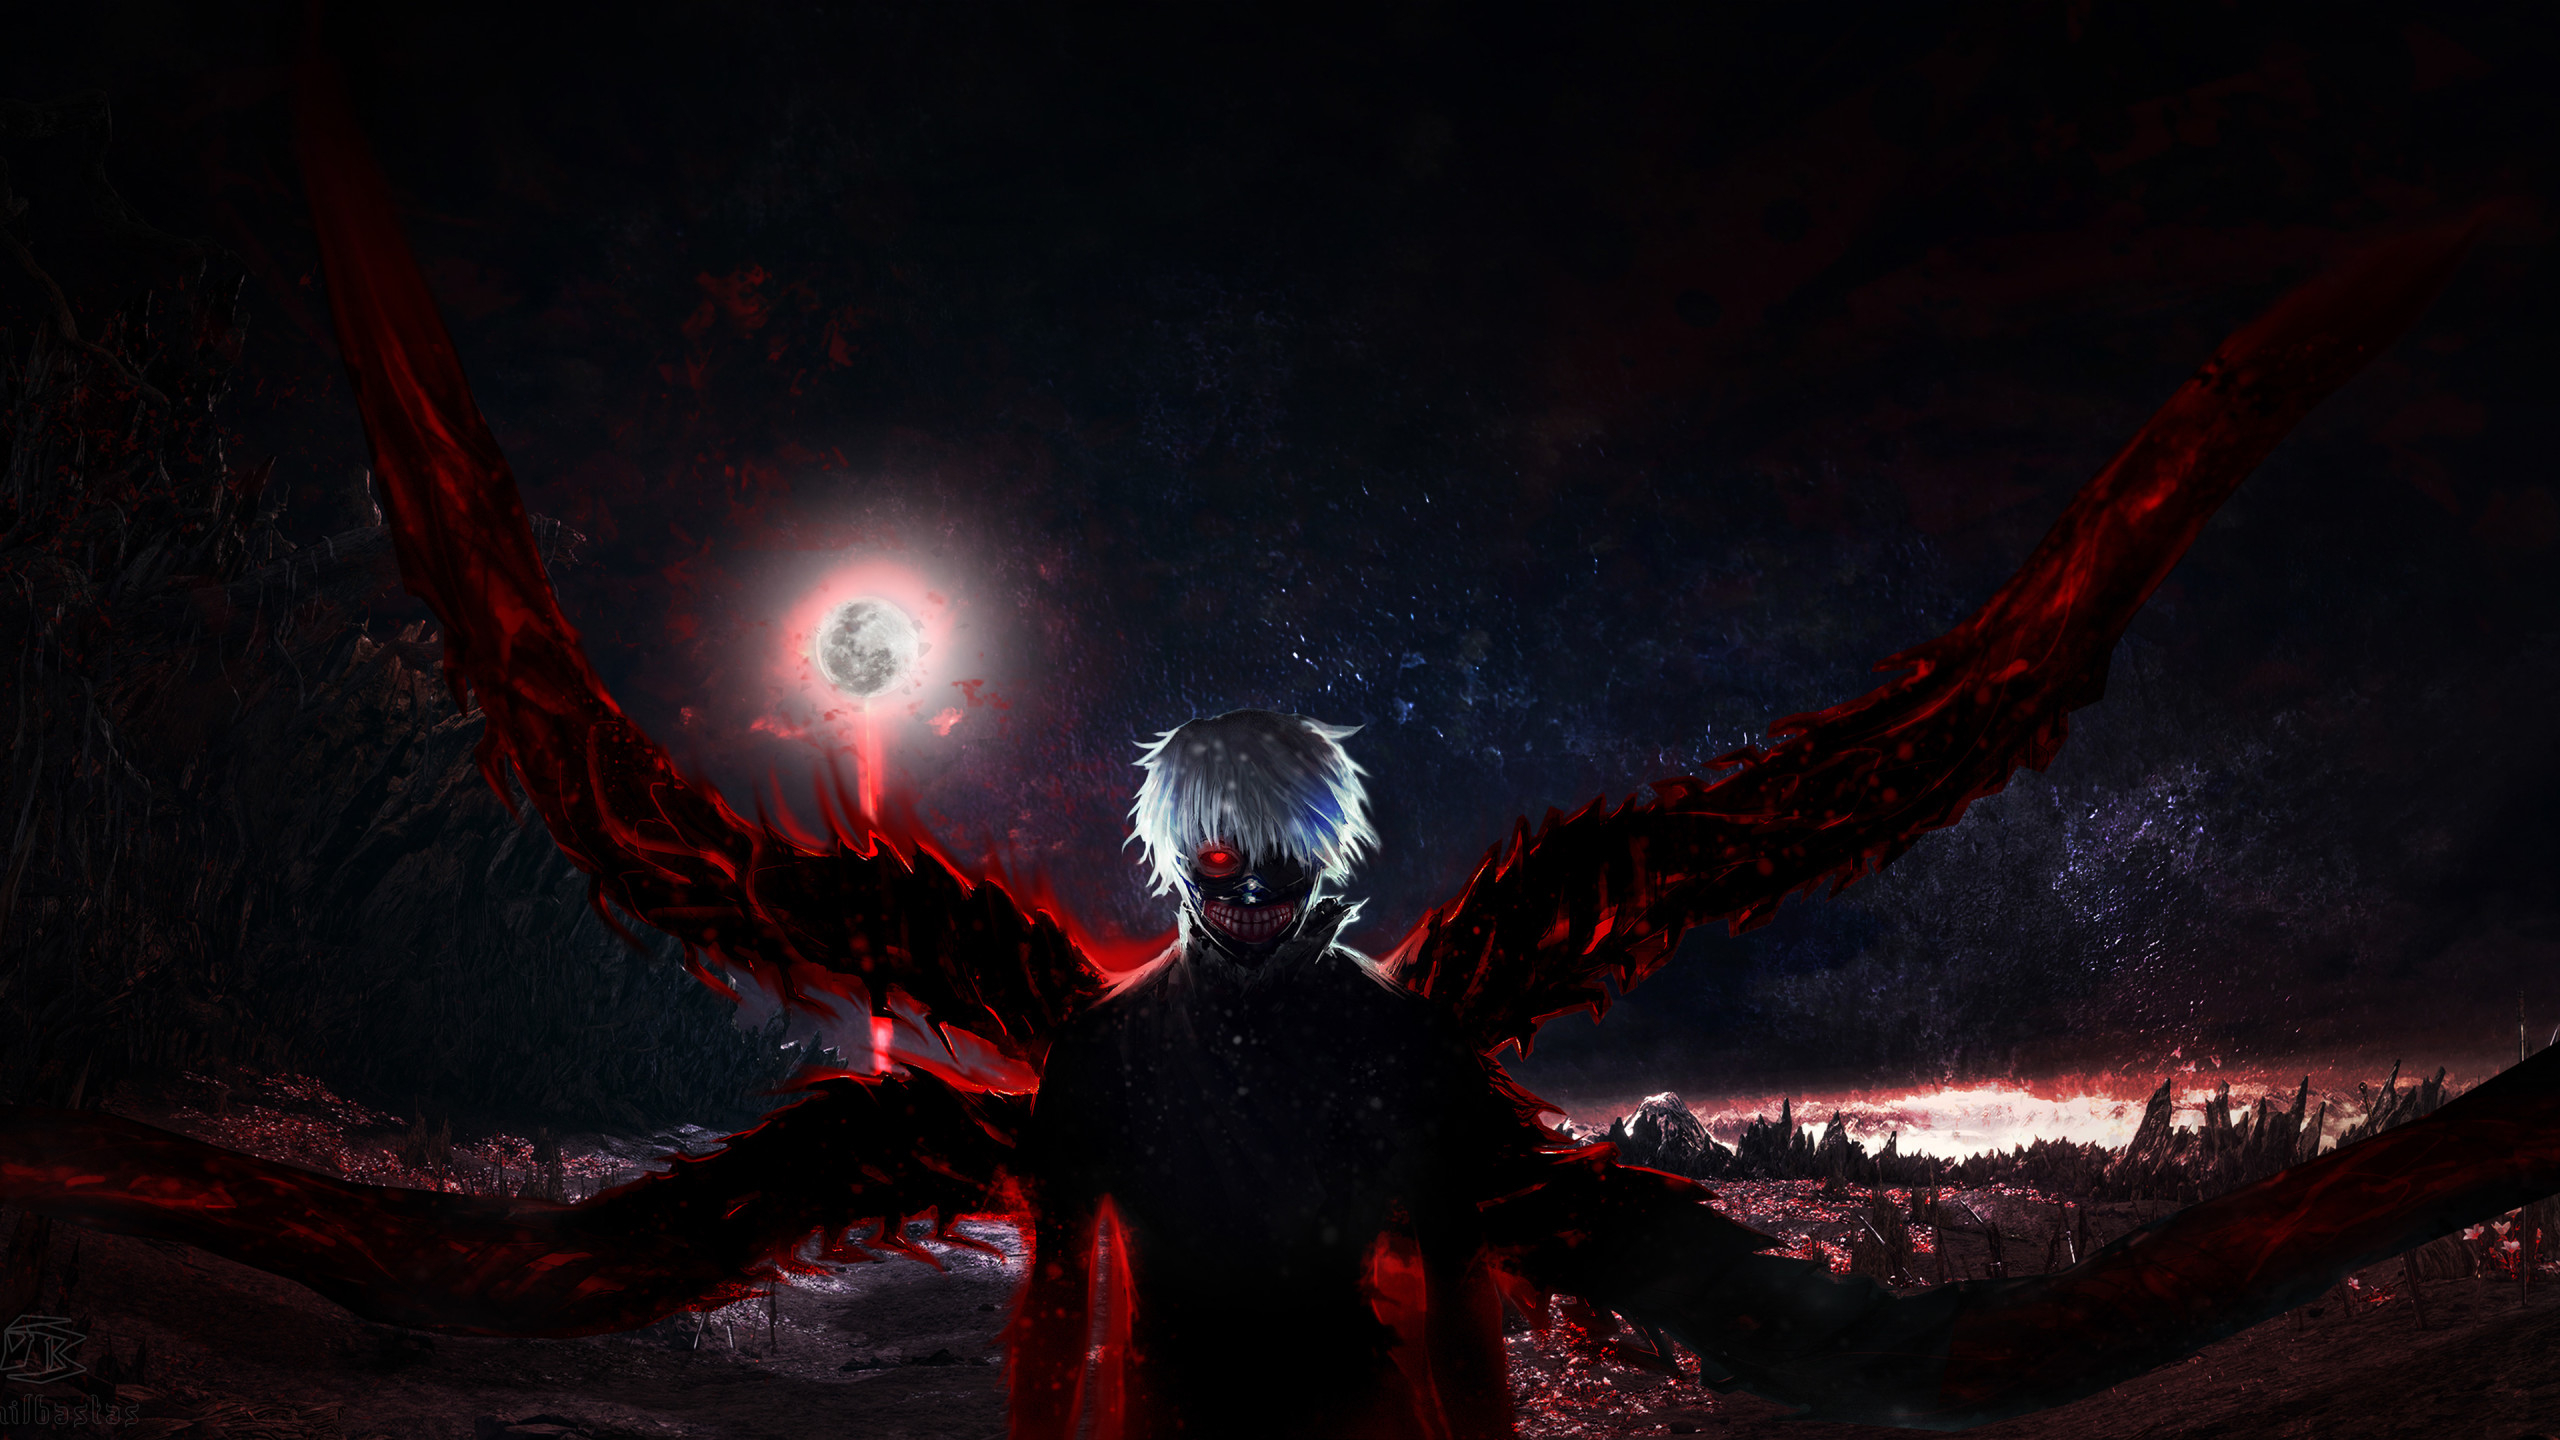 Hình nền Tokyo Ghoul 2k mặt trăng đỏ